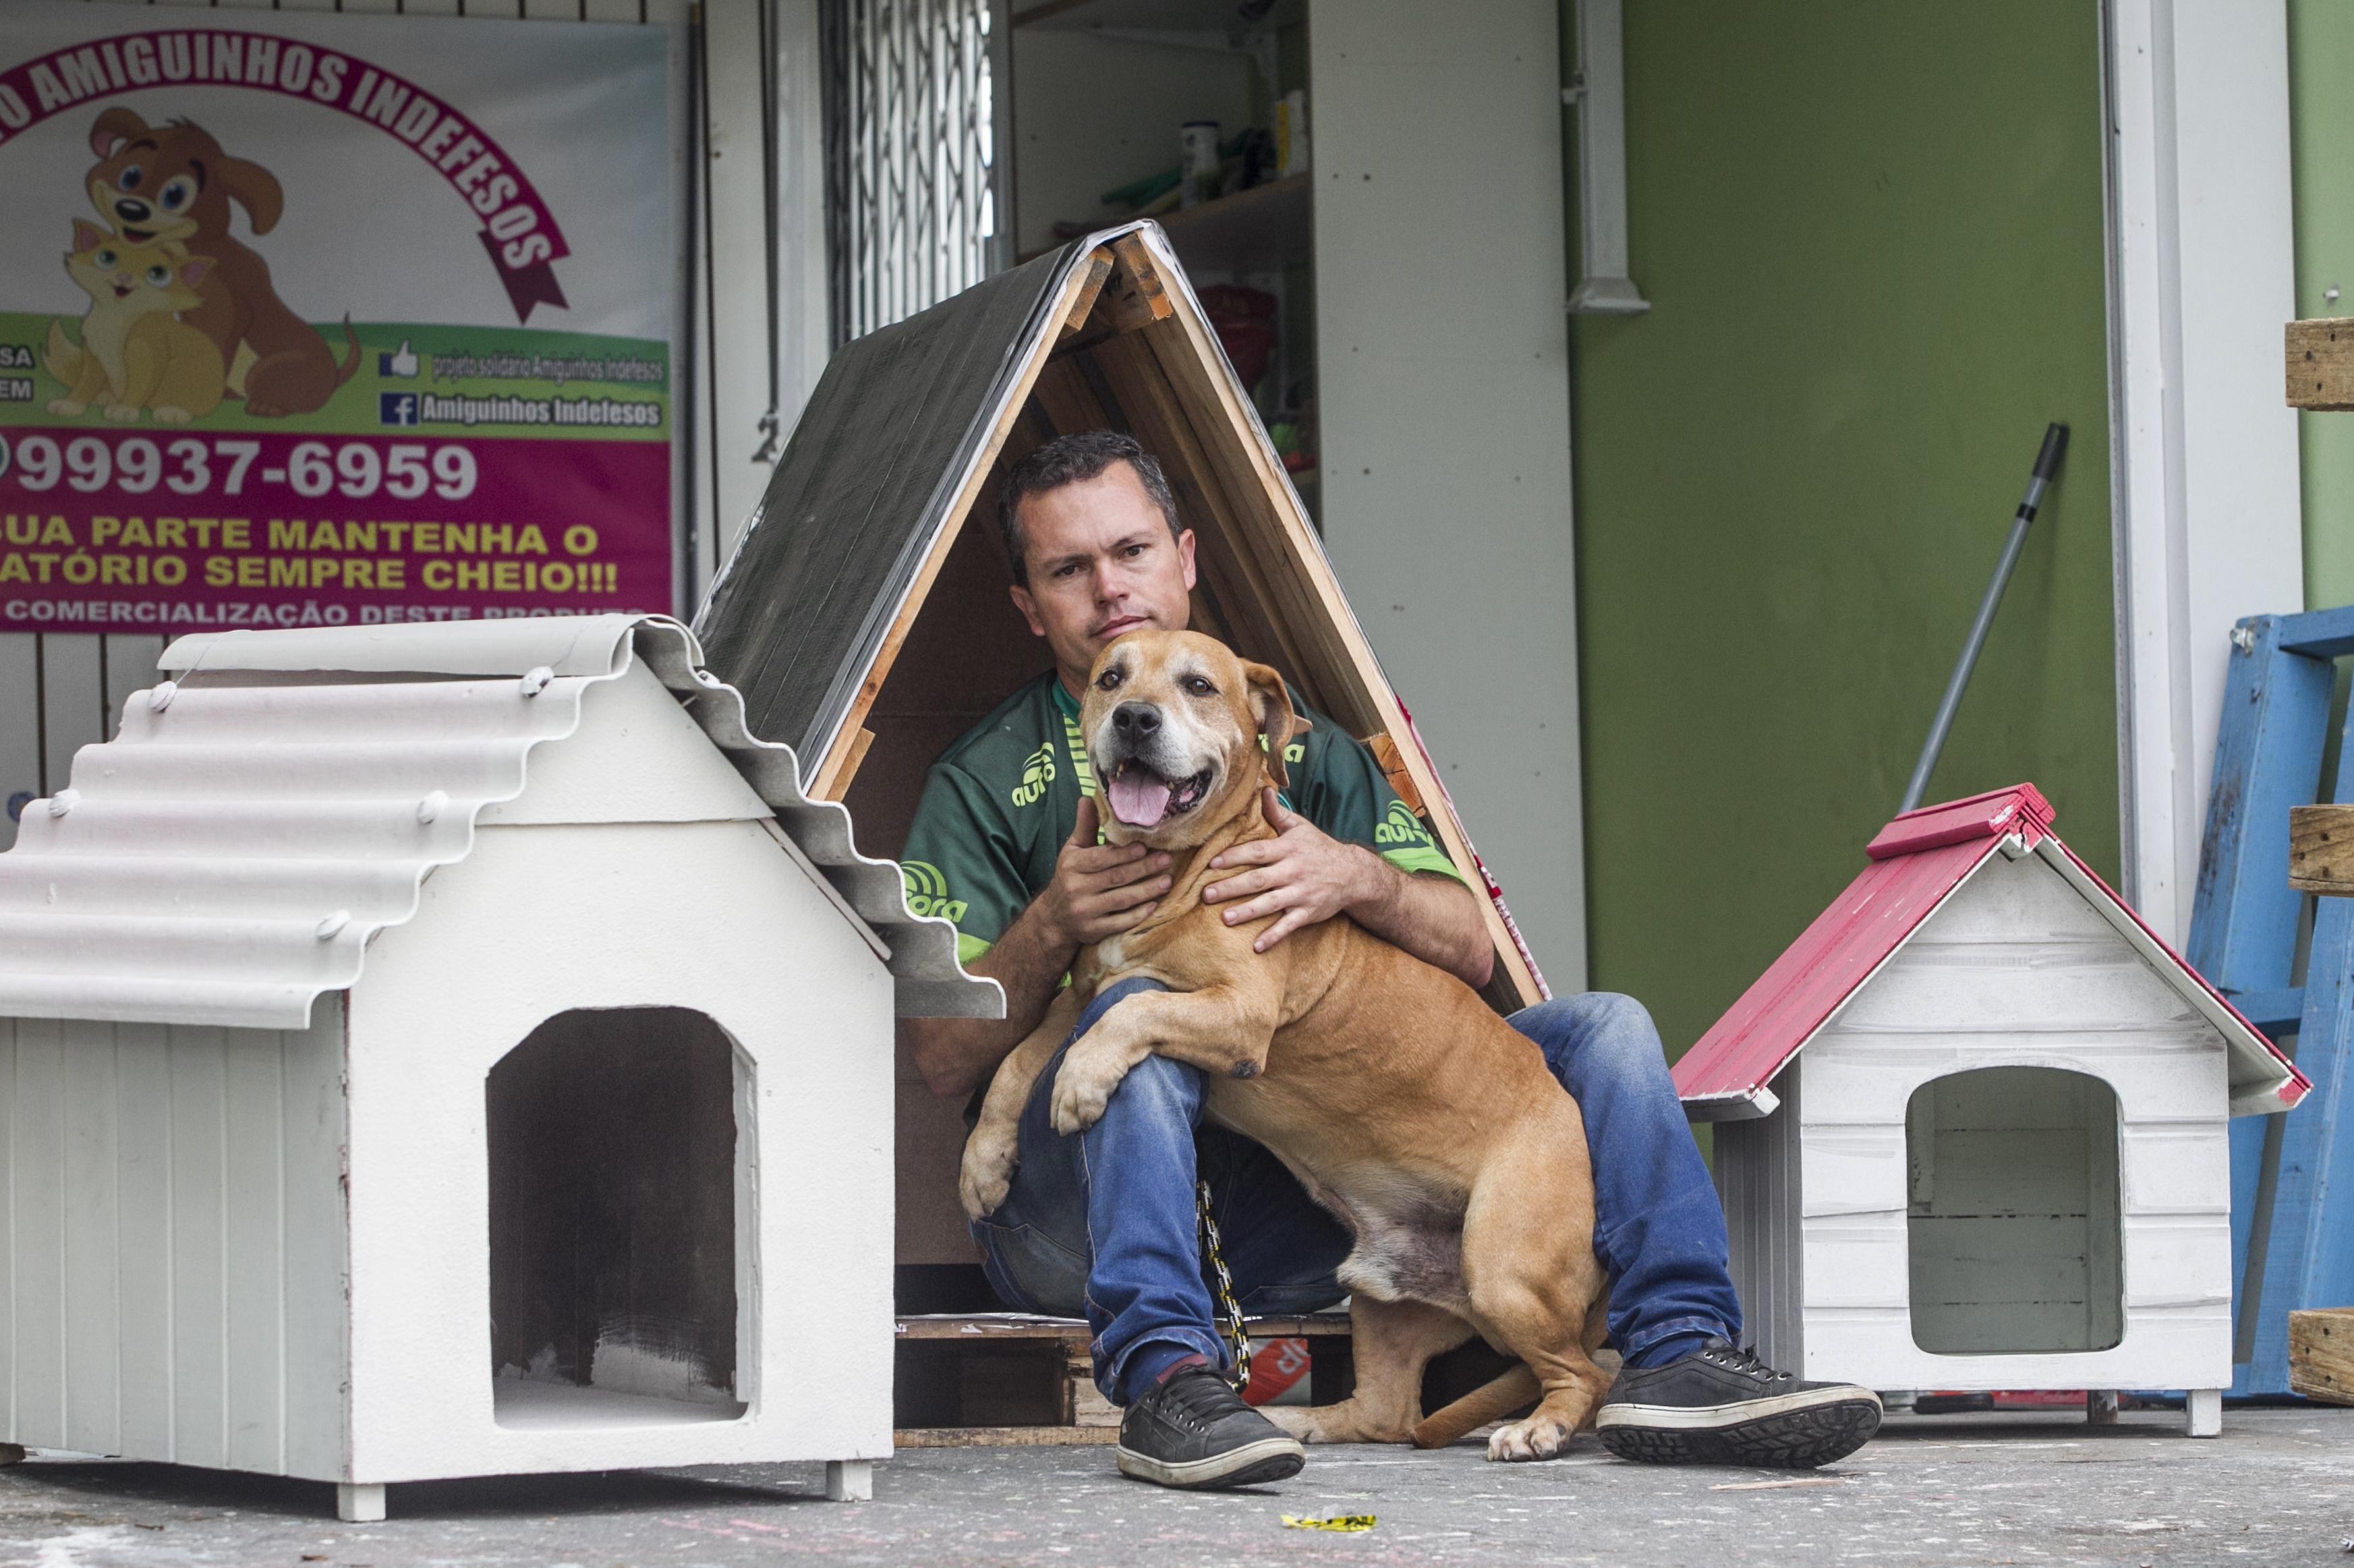 Ezequiel Nunes com Duke, um dos seus cães oficiais, e as casinhas que ele faz para os cachorros sem donos - Marco Santiago/ND